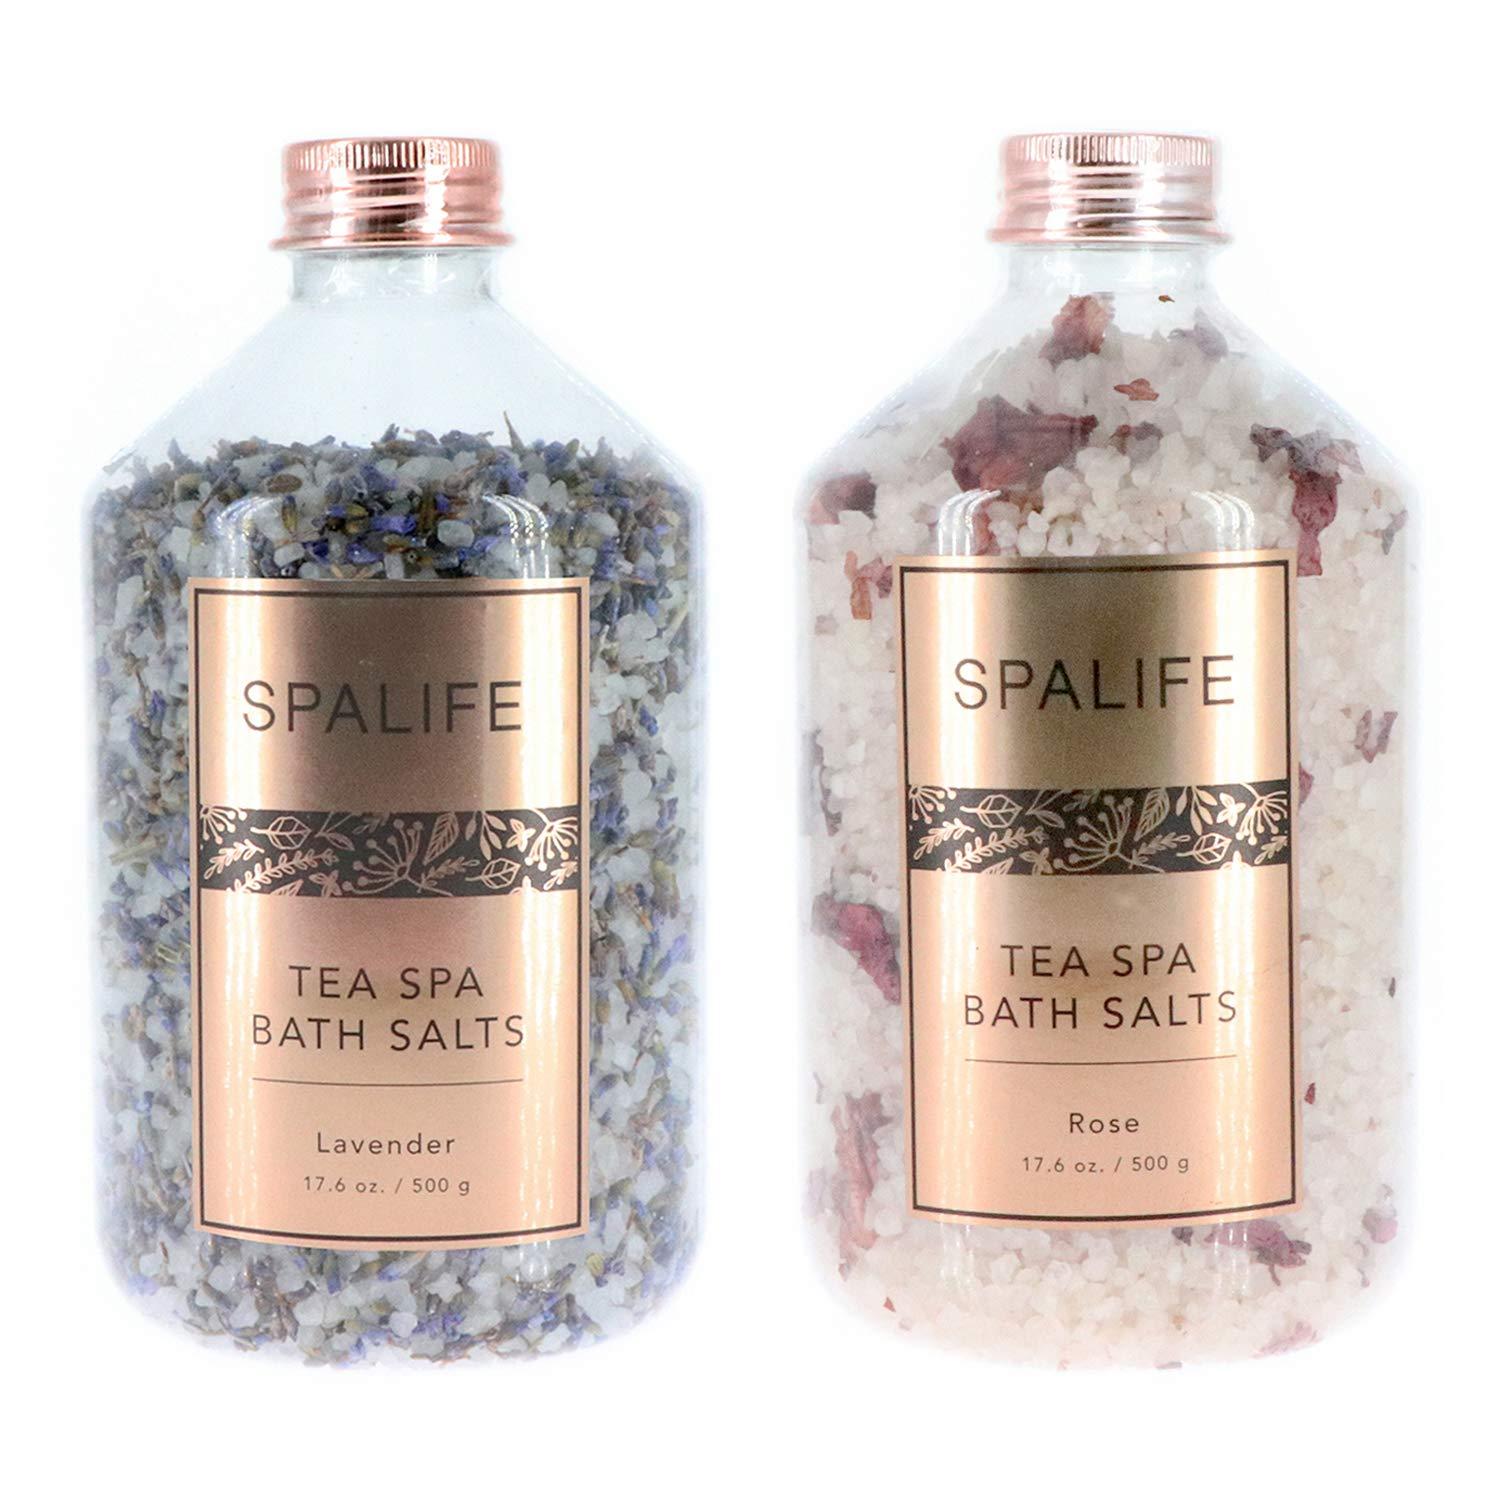 SpaLife Soothing Petal-Infused Effervescent Mineral Bath Salts - 2 Pack 17.6 oz. ea (Lavender & Rose)